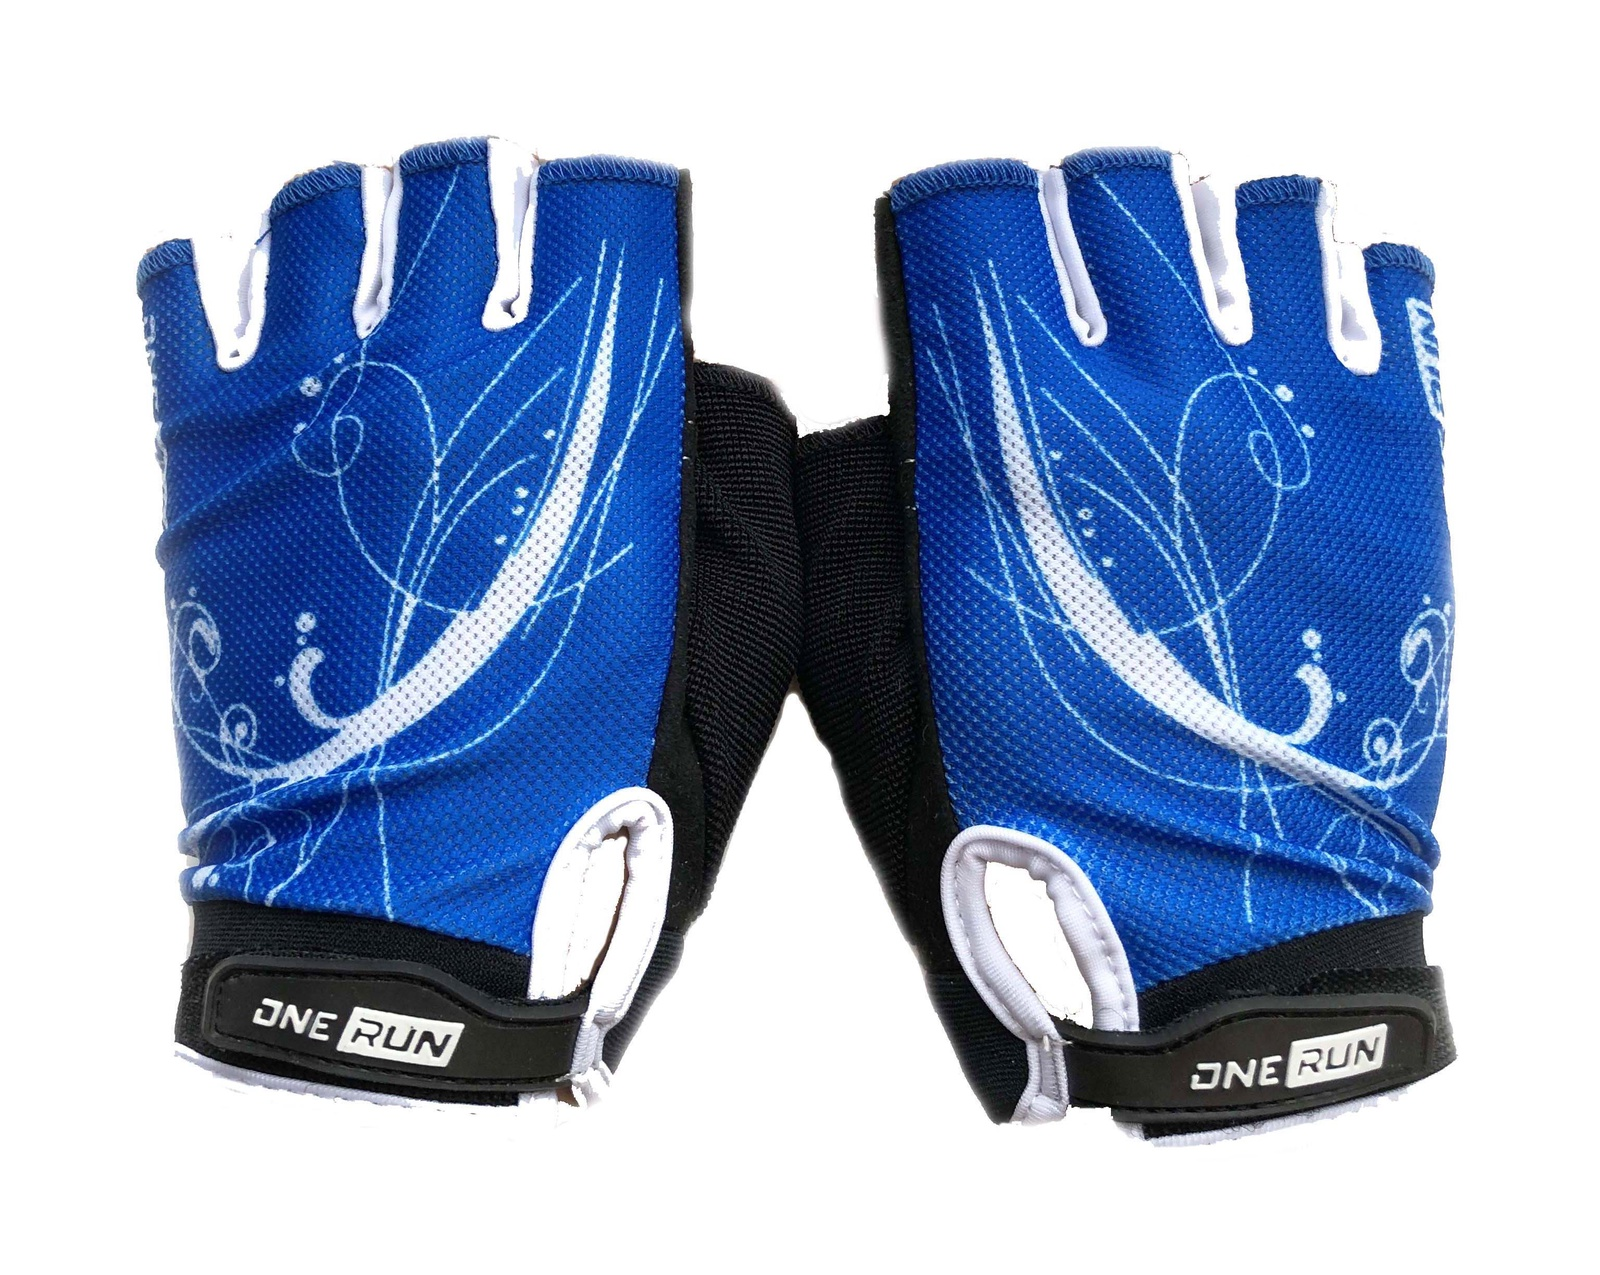 цена на Перчатки для фитнеса OneRun женские узор, AI-05-789-M, синий, черный, размер M